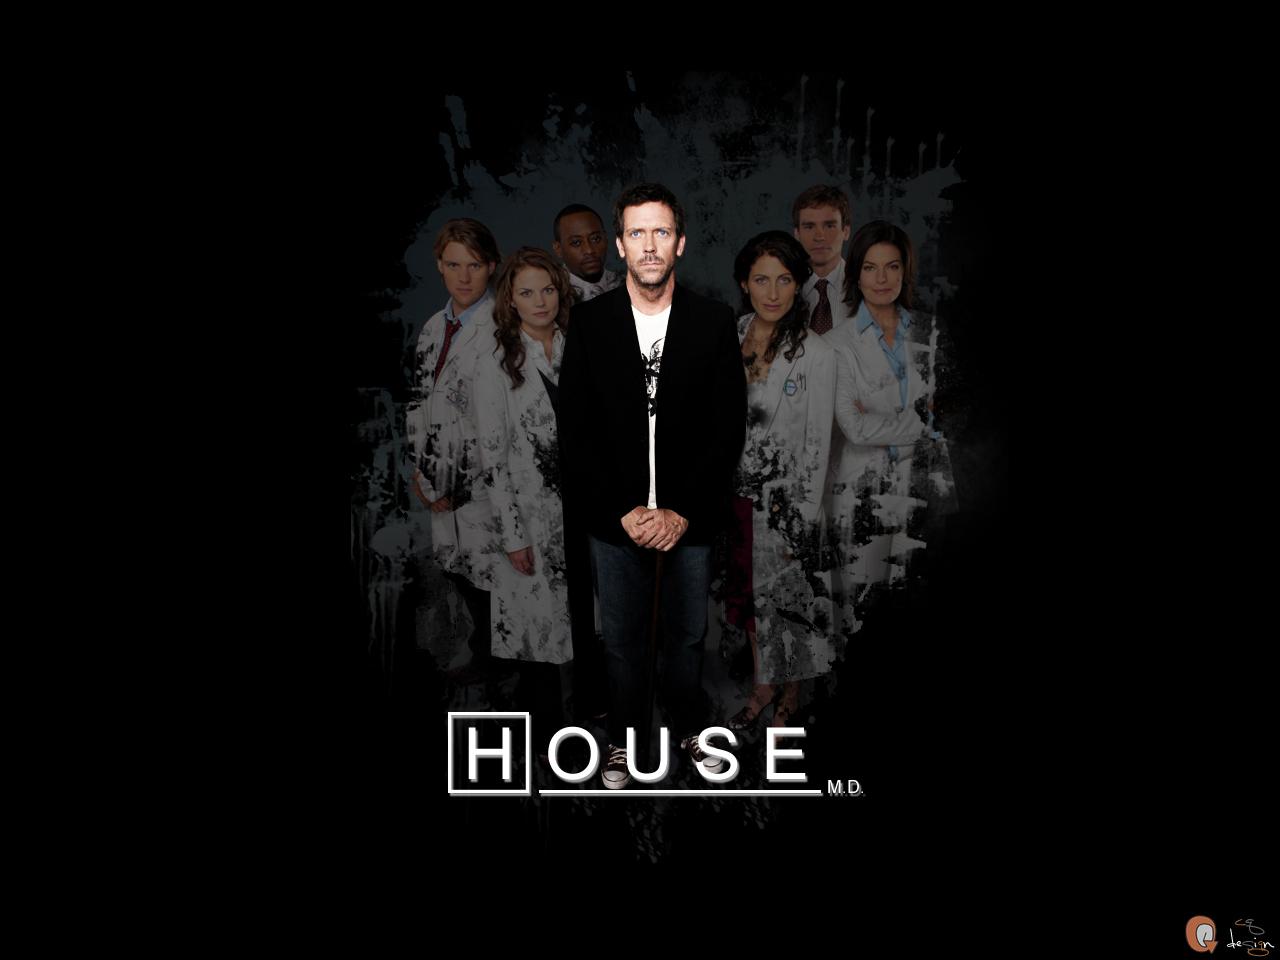 house md wallpaper house m d wallpaper 2662604 fanpop